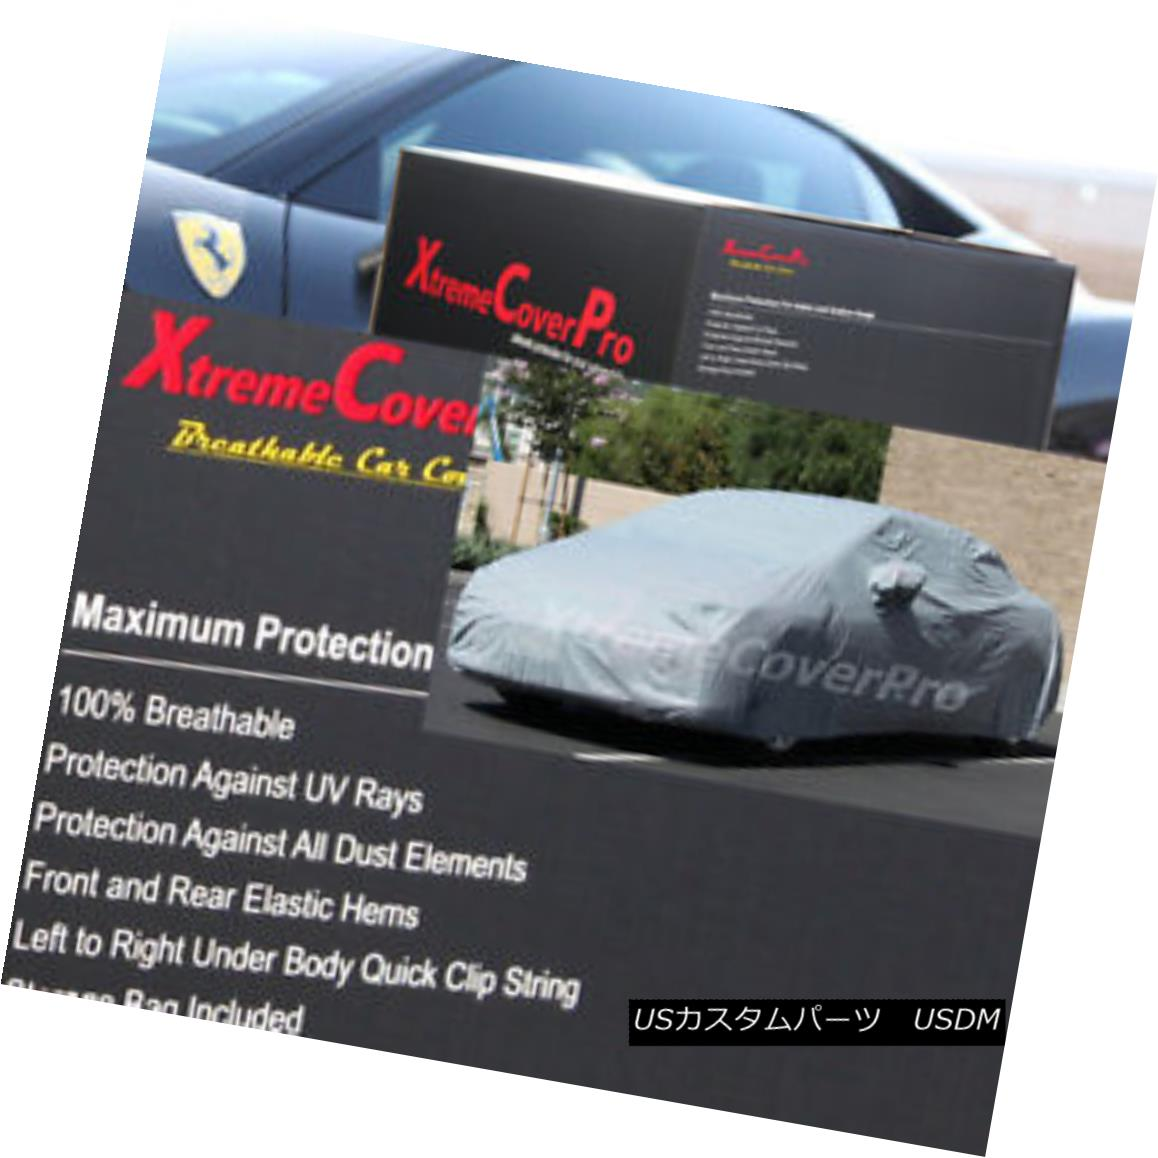 カーカバー 2001 2002 2003 BMW 525 530 540 Breathable Car Cover w/MirrorPocket 2001 2002 2003 BMW 525 530 540通気性車カバー付き/ミラーポケット